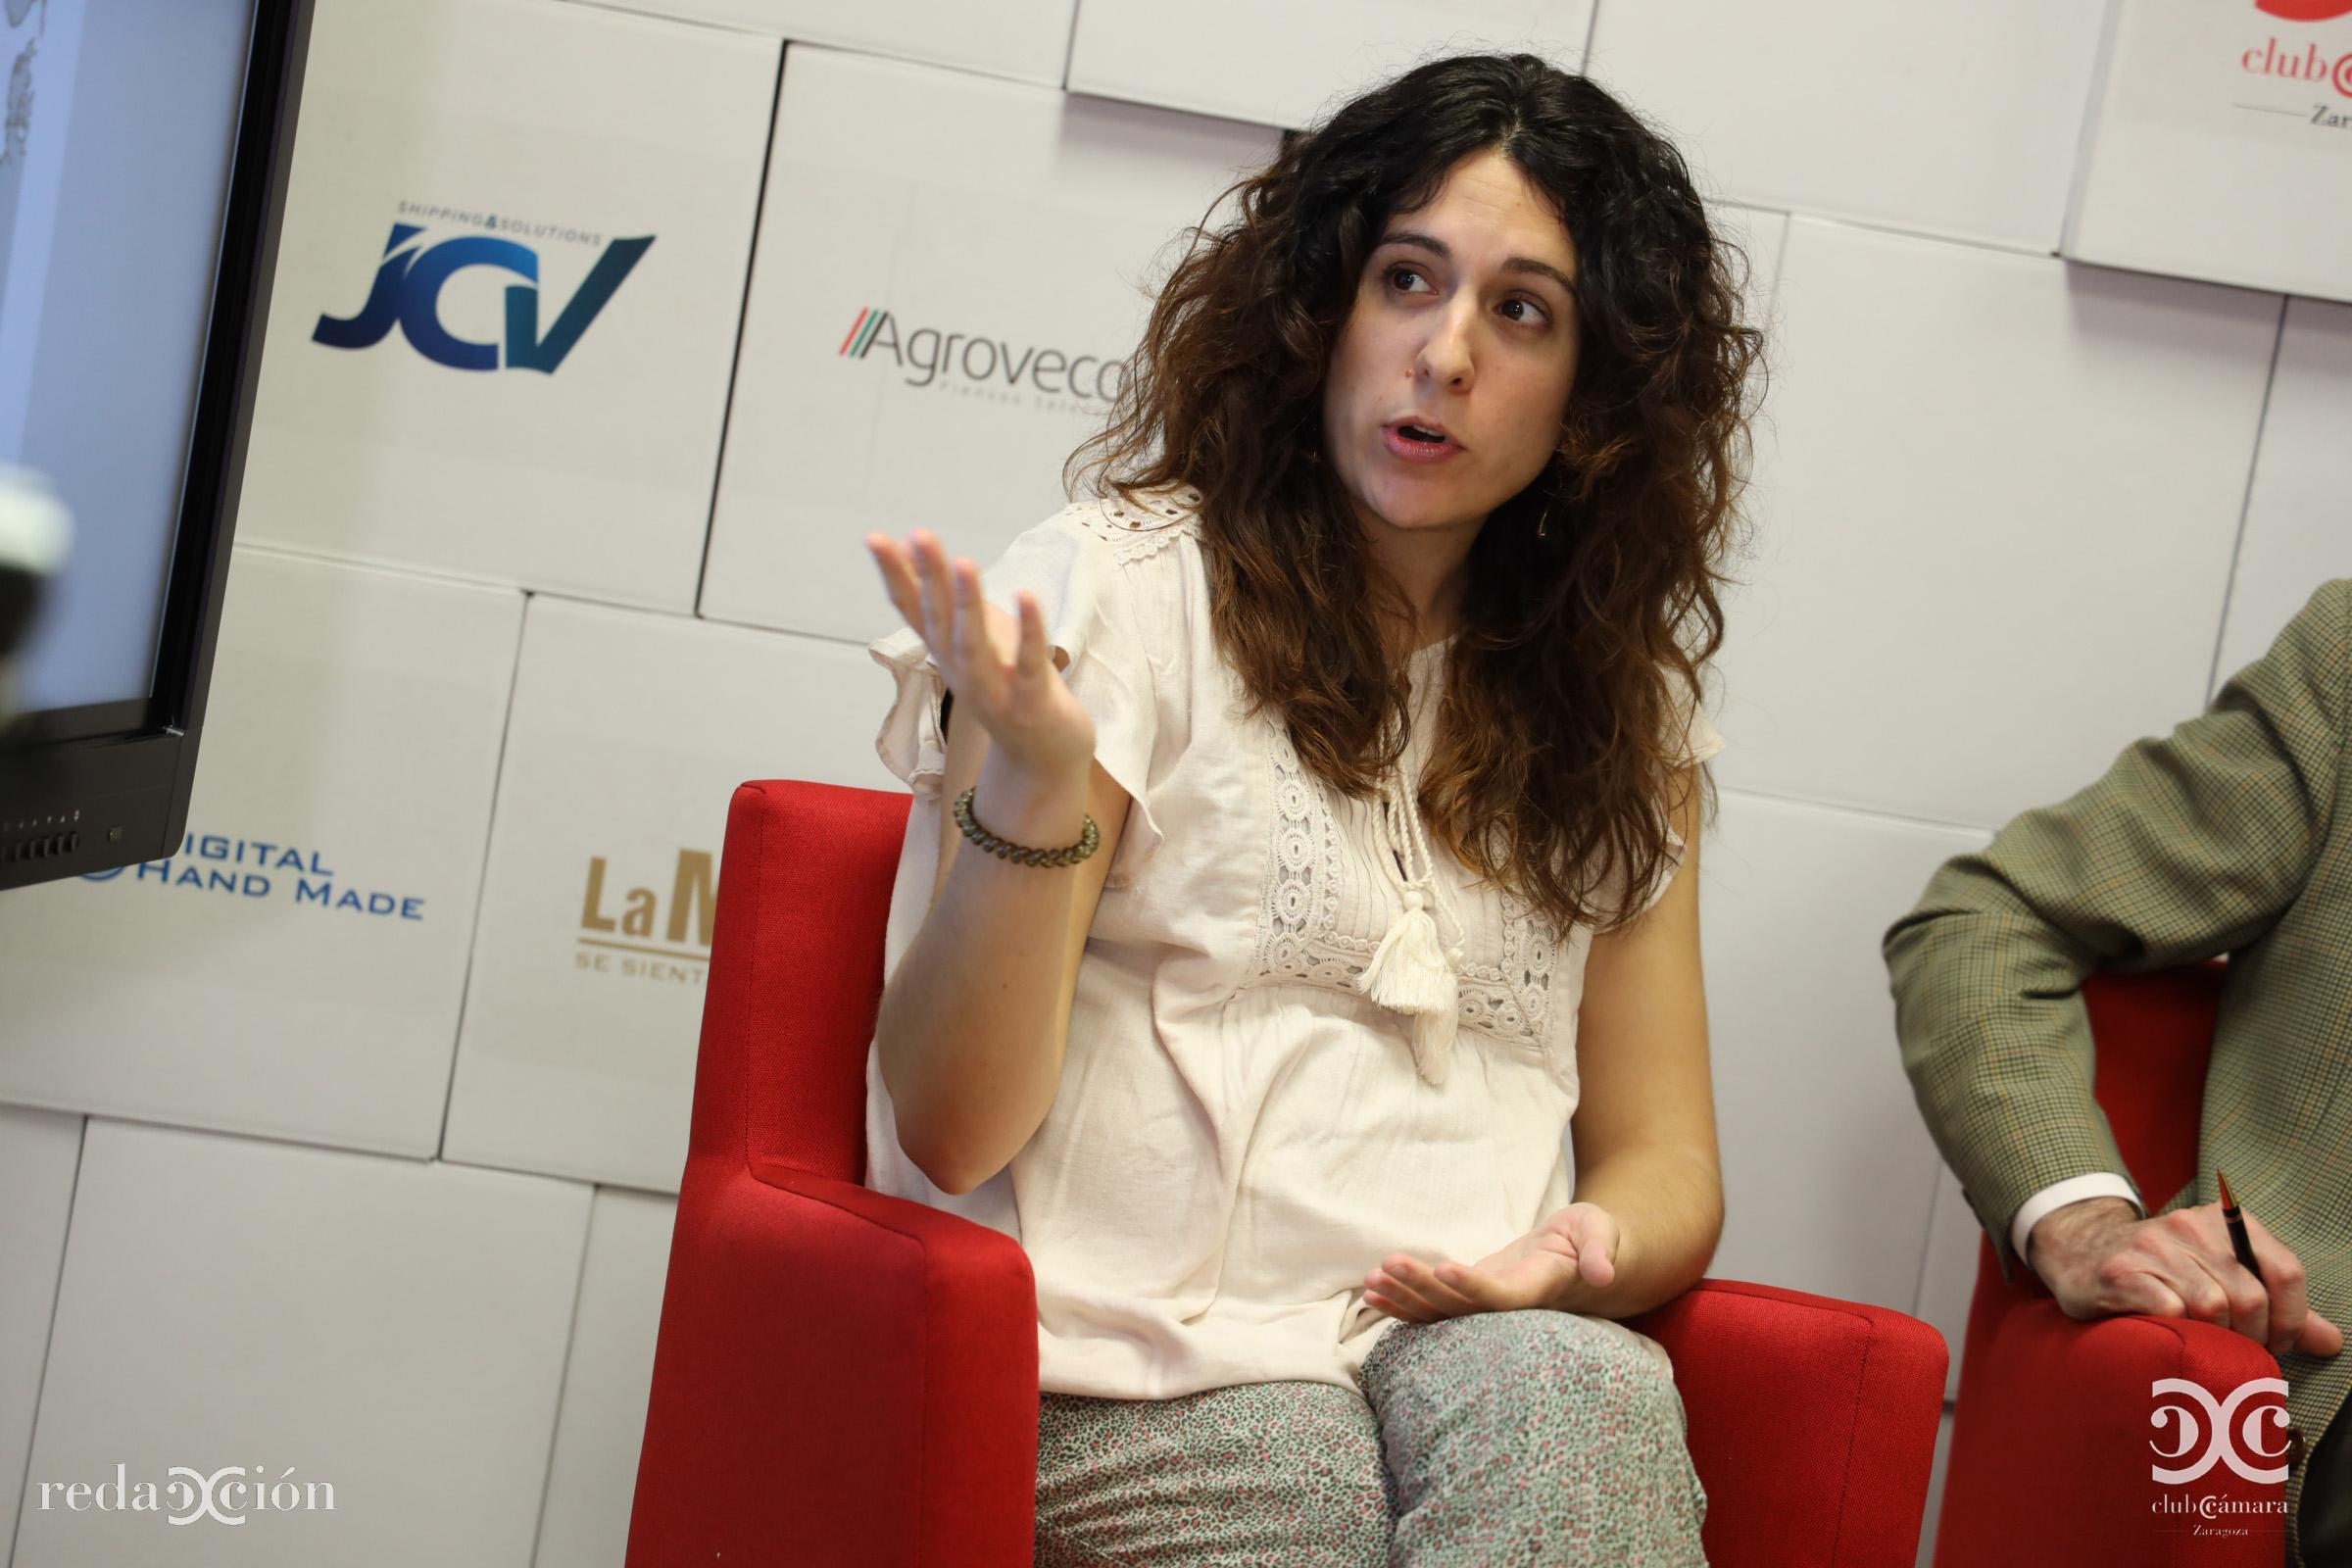 Lidia García, Tecnopackaging